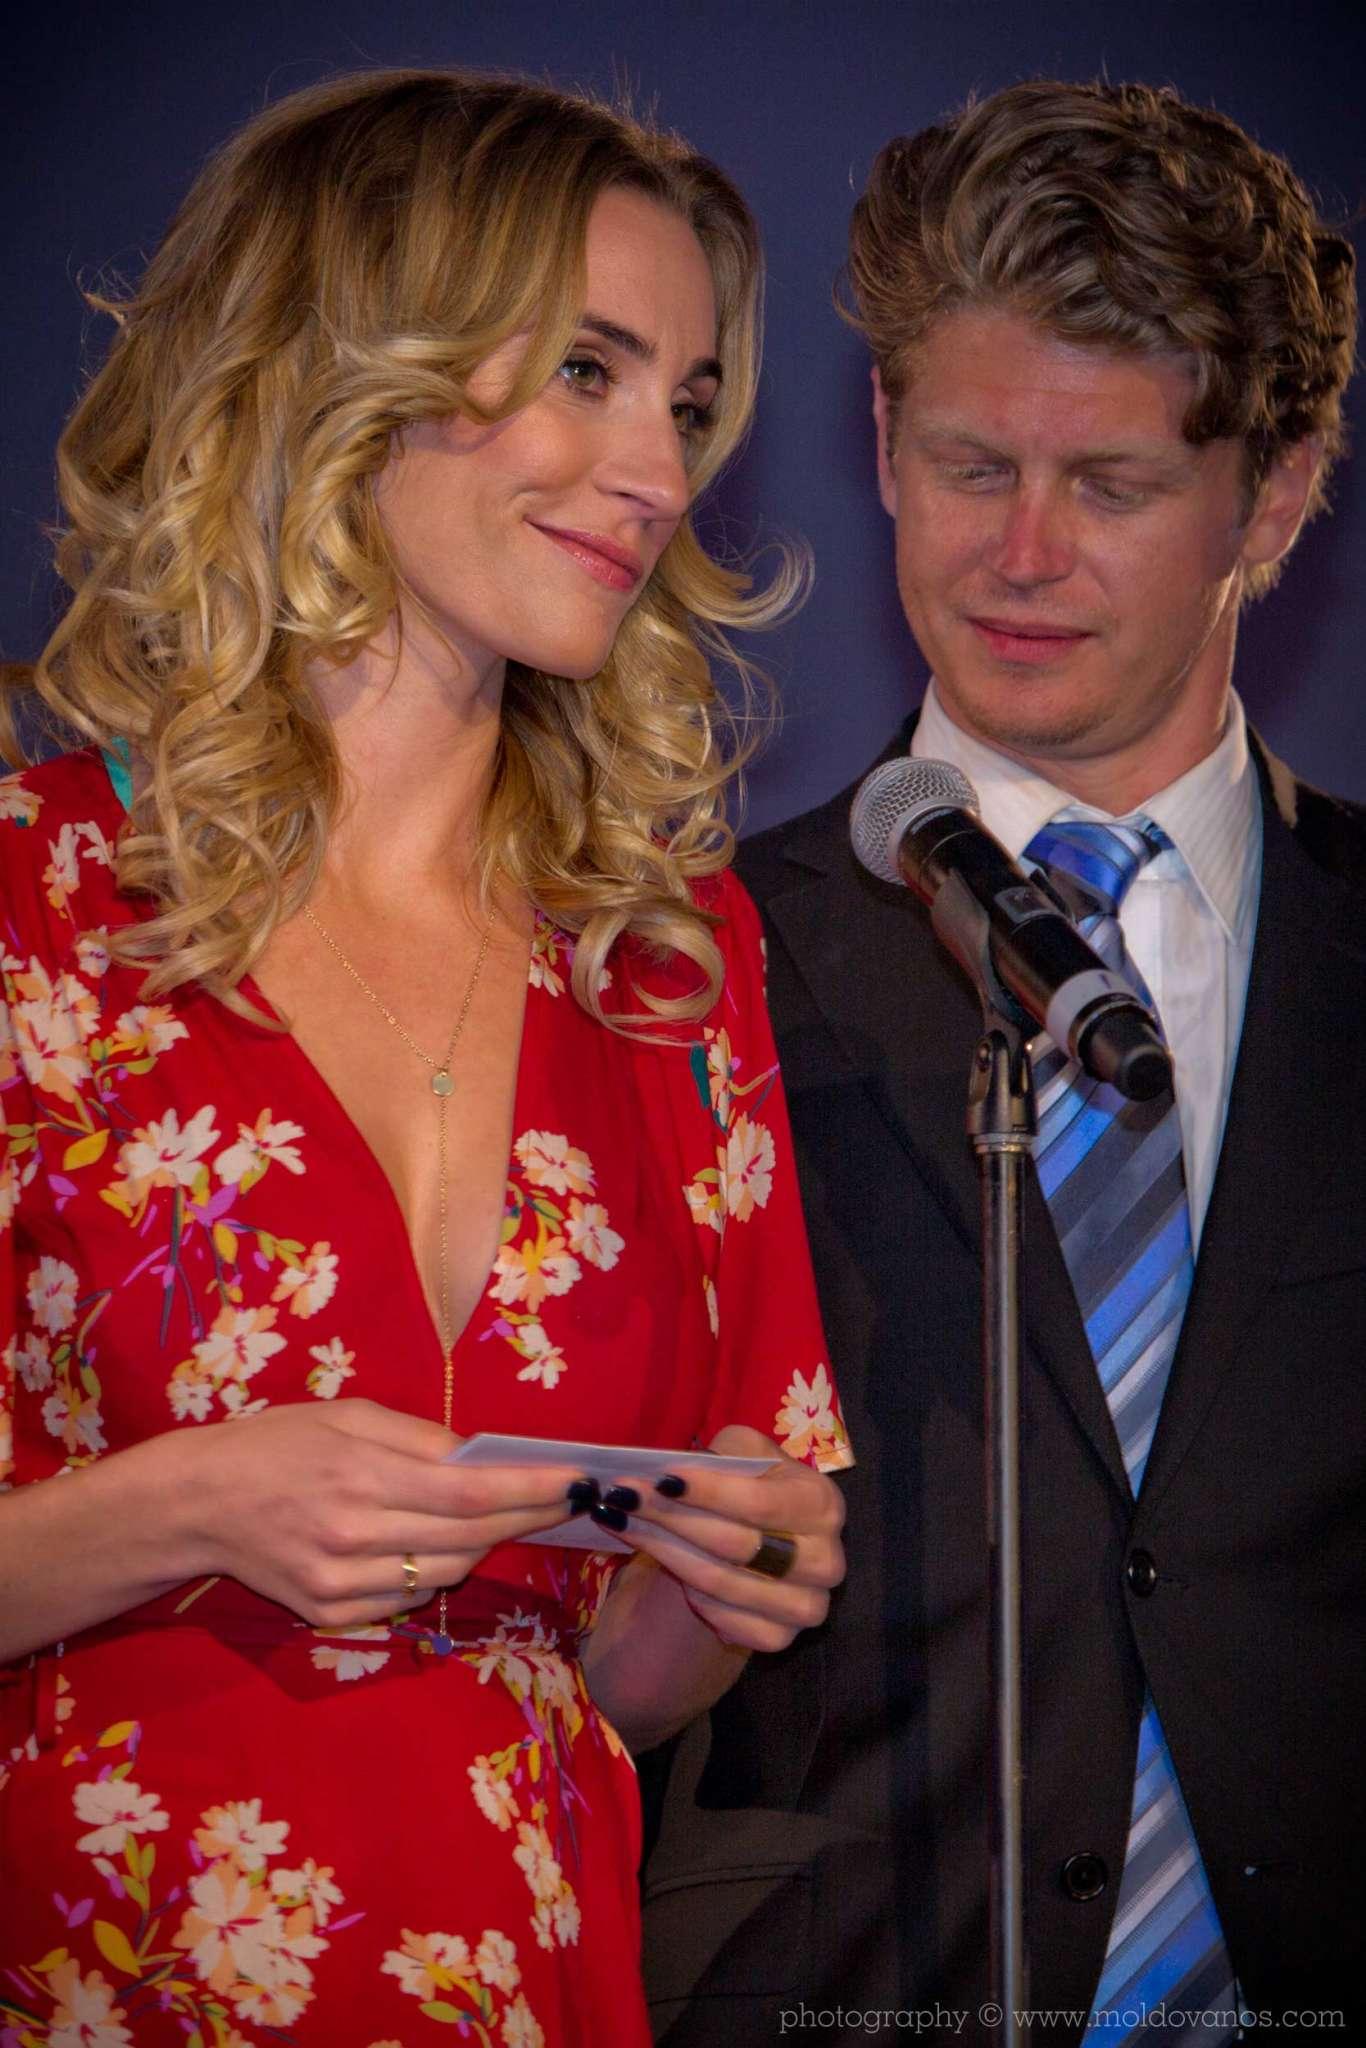 Leo Awards - Event Photography by Paul Moldovanos © moldovanos.com